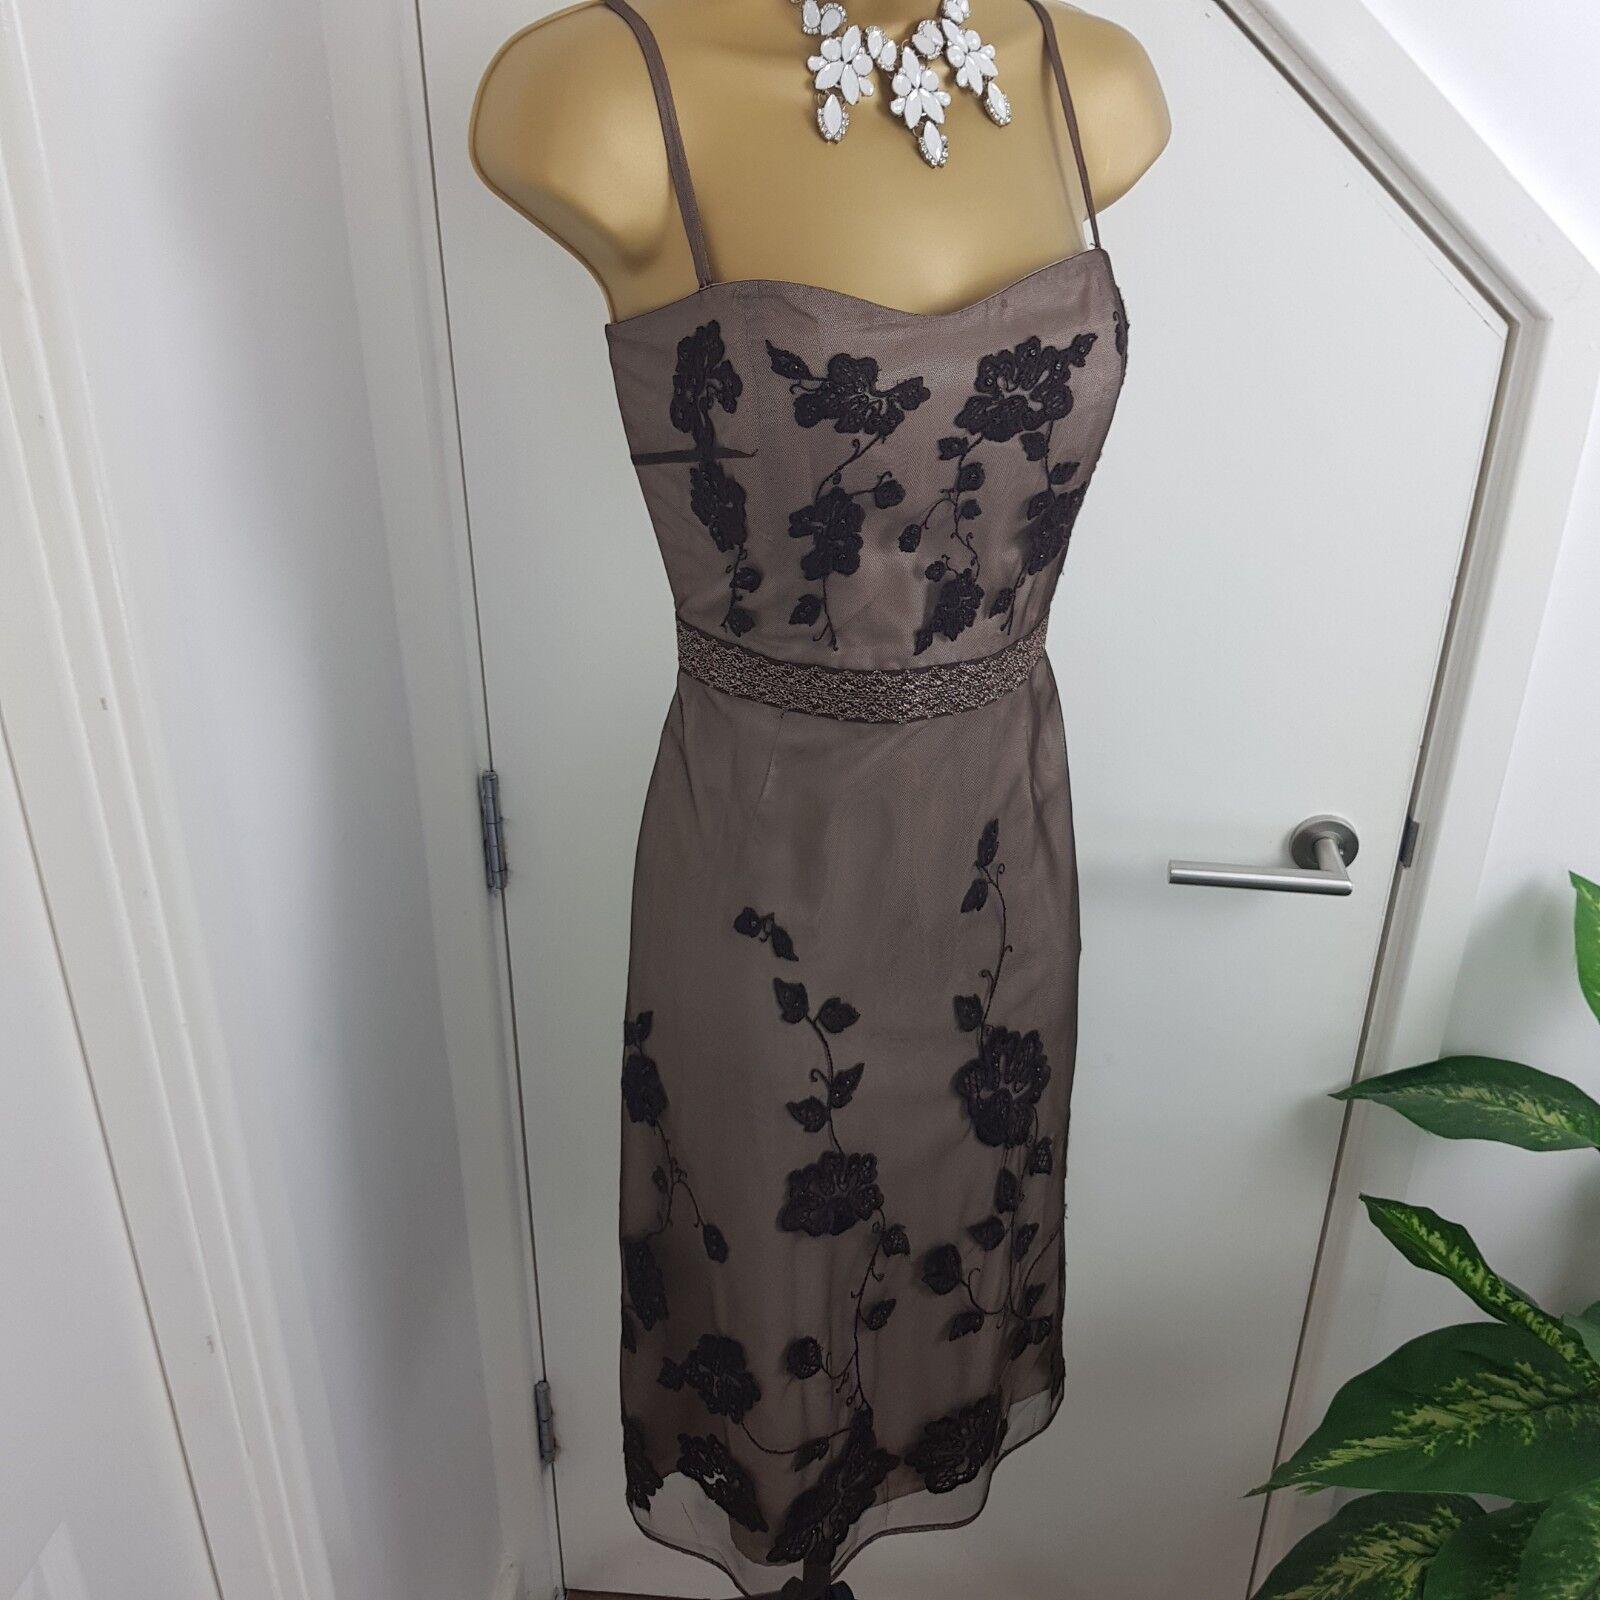 Coast Coast Coast Dress Midi Strap Lace Mono Boned Embroiderot Flower Occasion braun Größe 12 | Rich-pünktliche Lieferung  | Verschiedene Stile  | Exquisite Verarbeitung  e43039